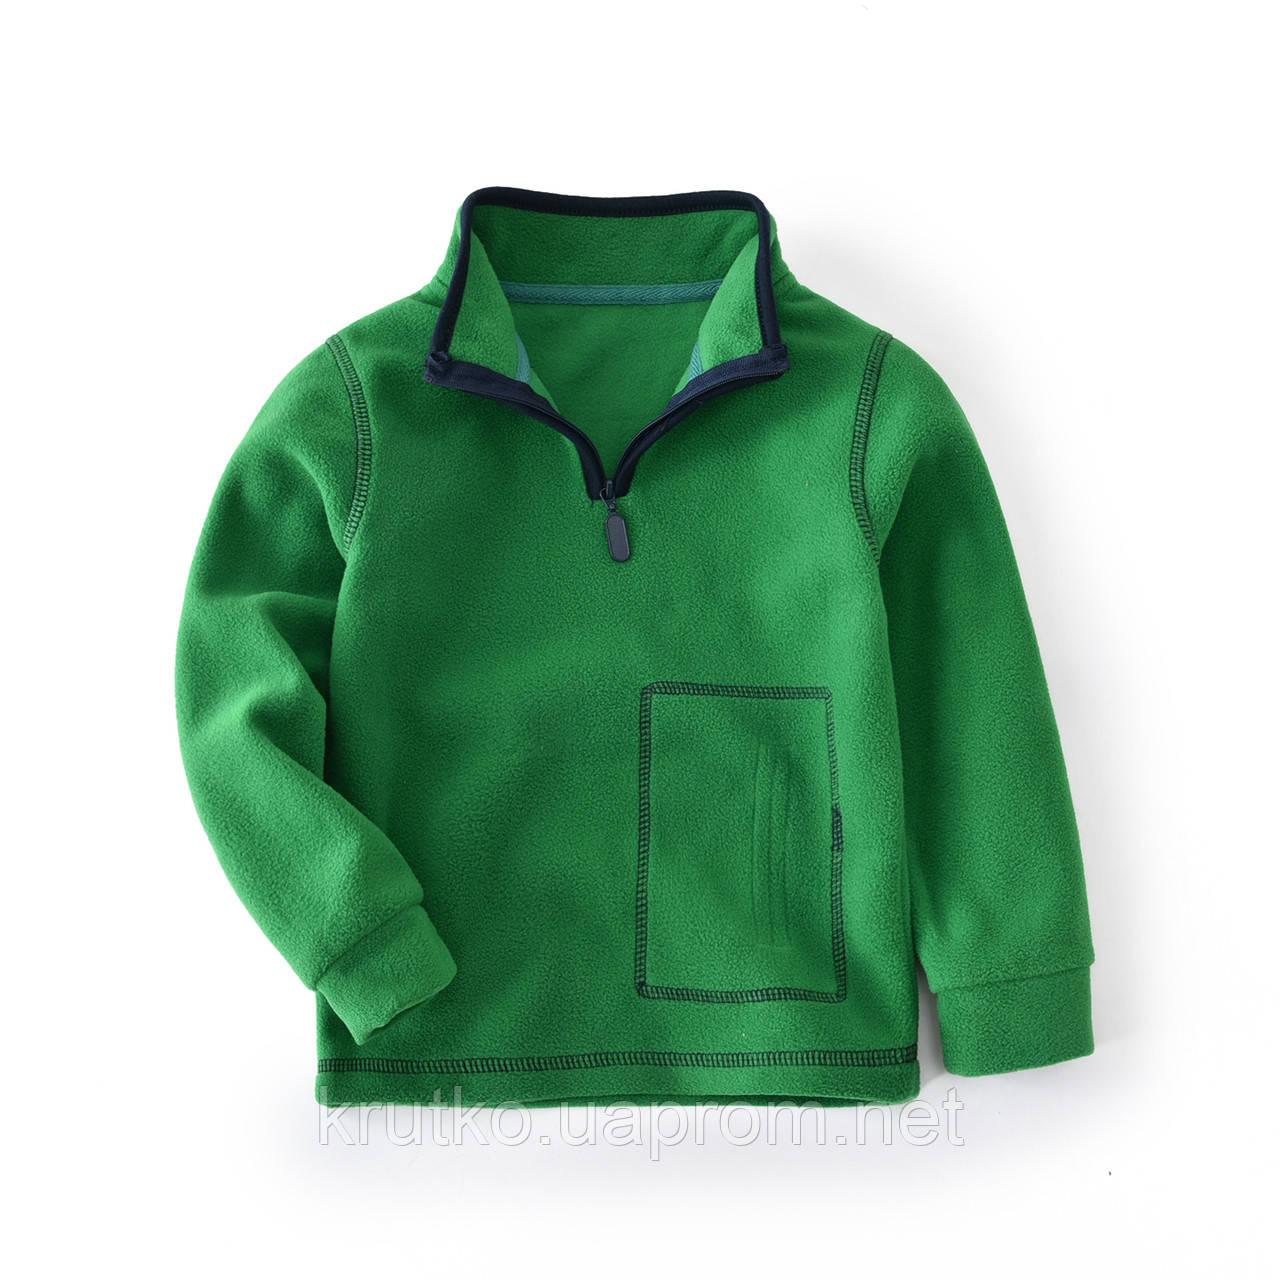 Кофта детская флисовая утеплённая Акварель, зелёный Berni